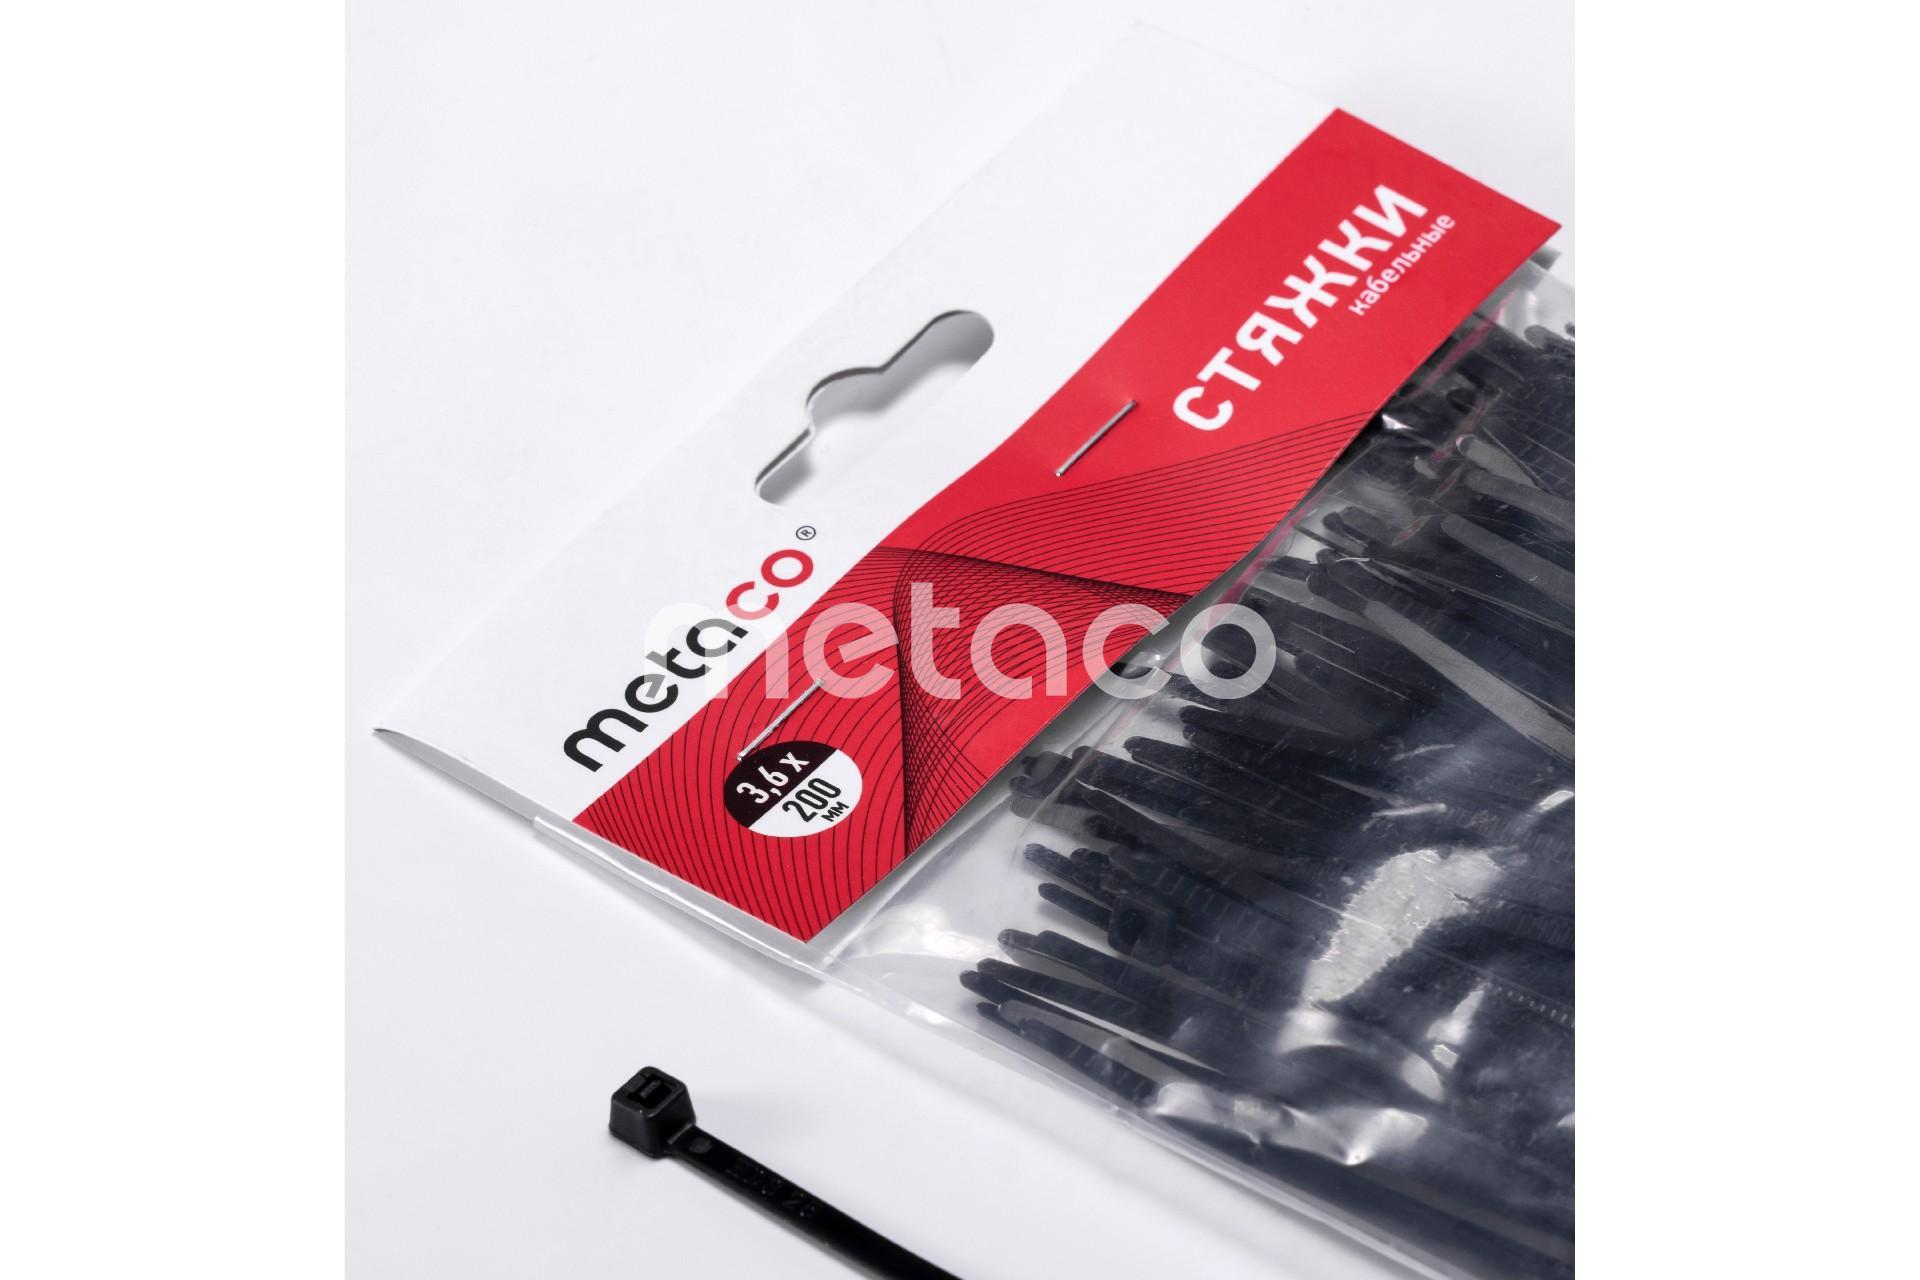 Metaco 10101-101